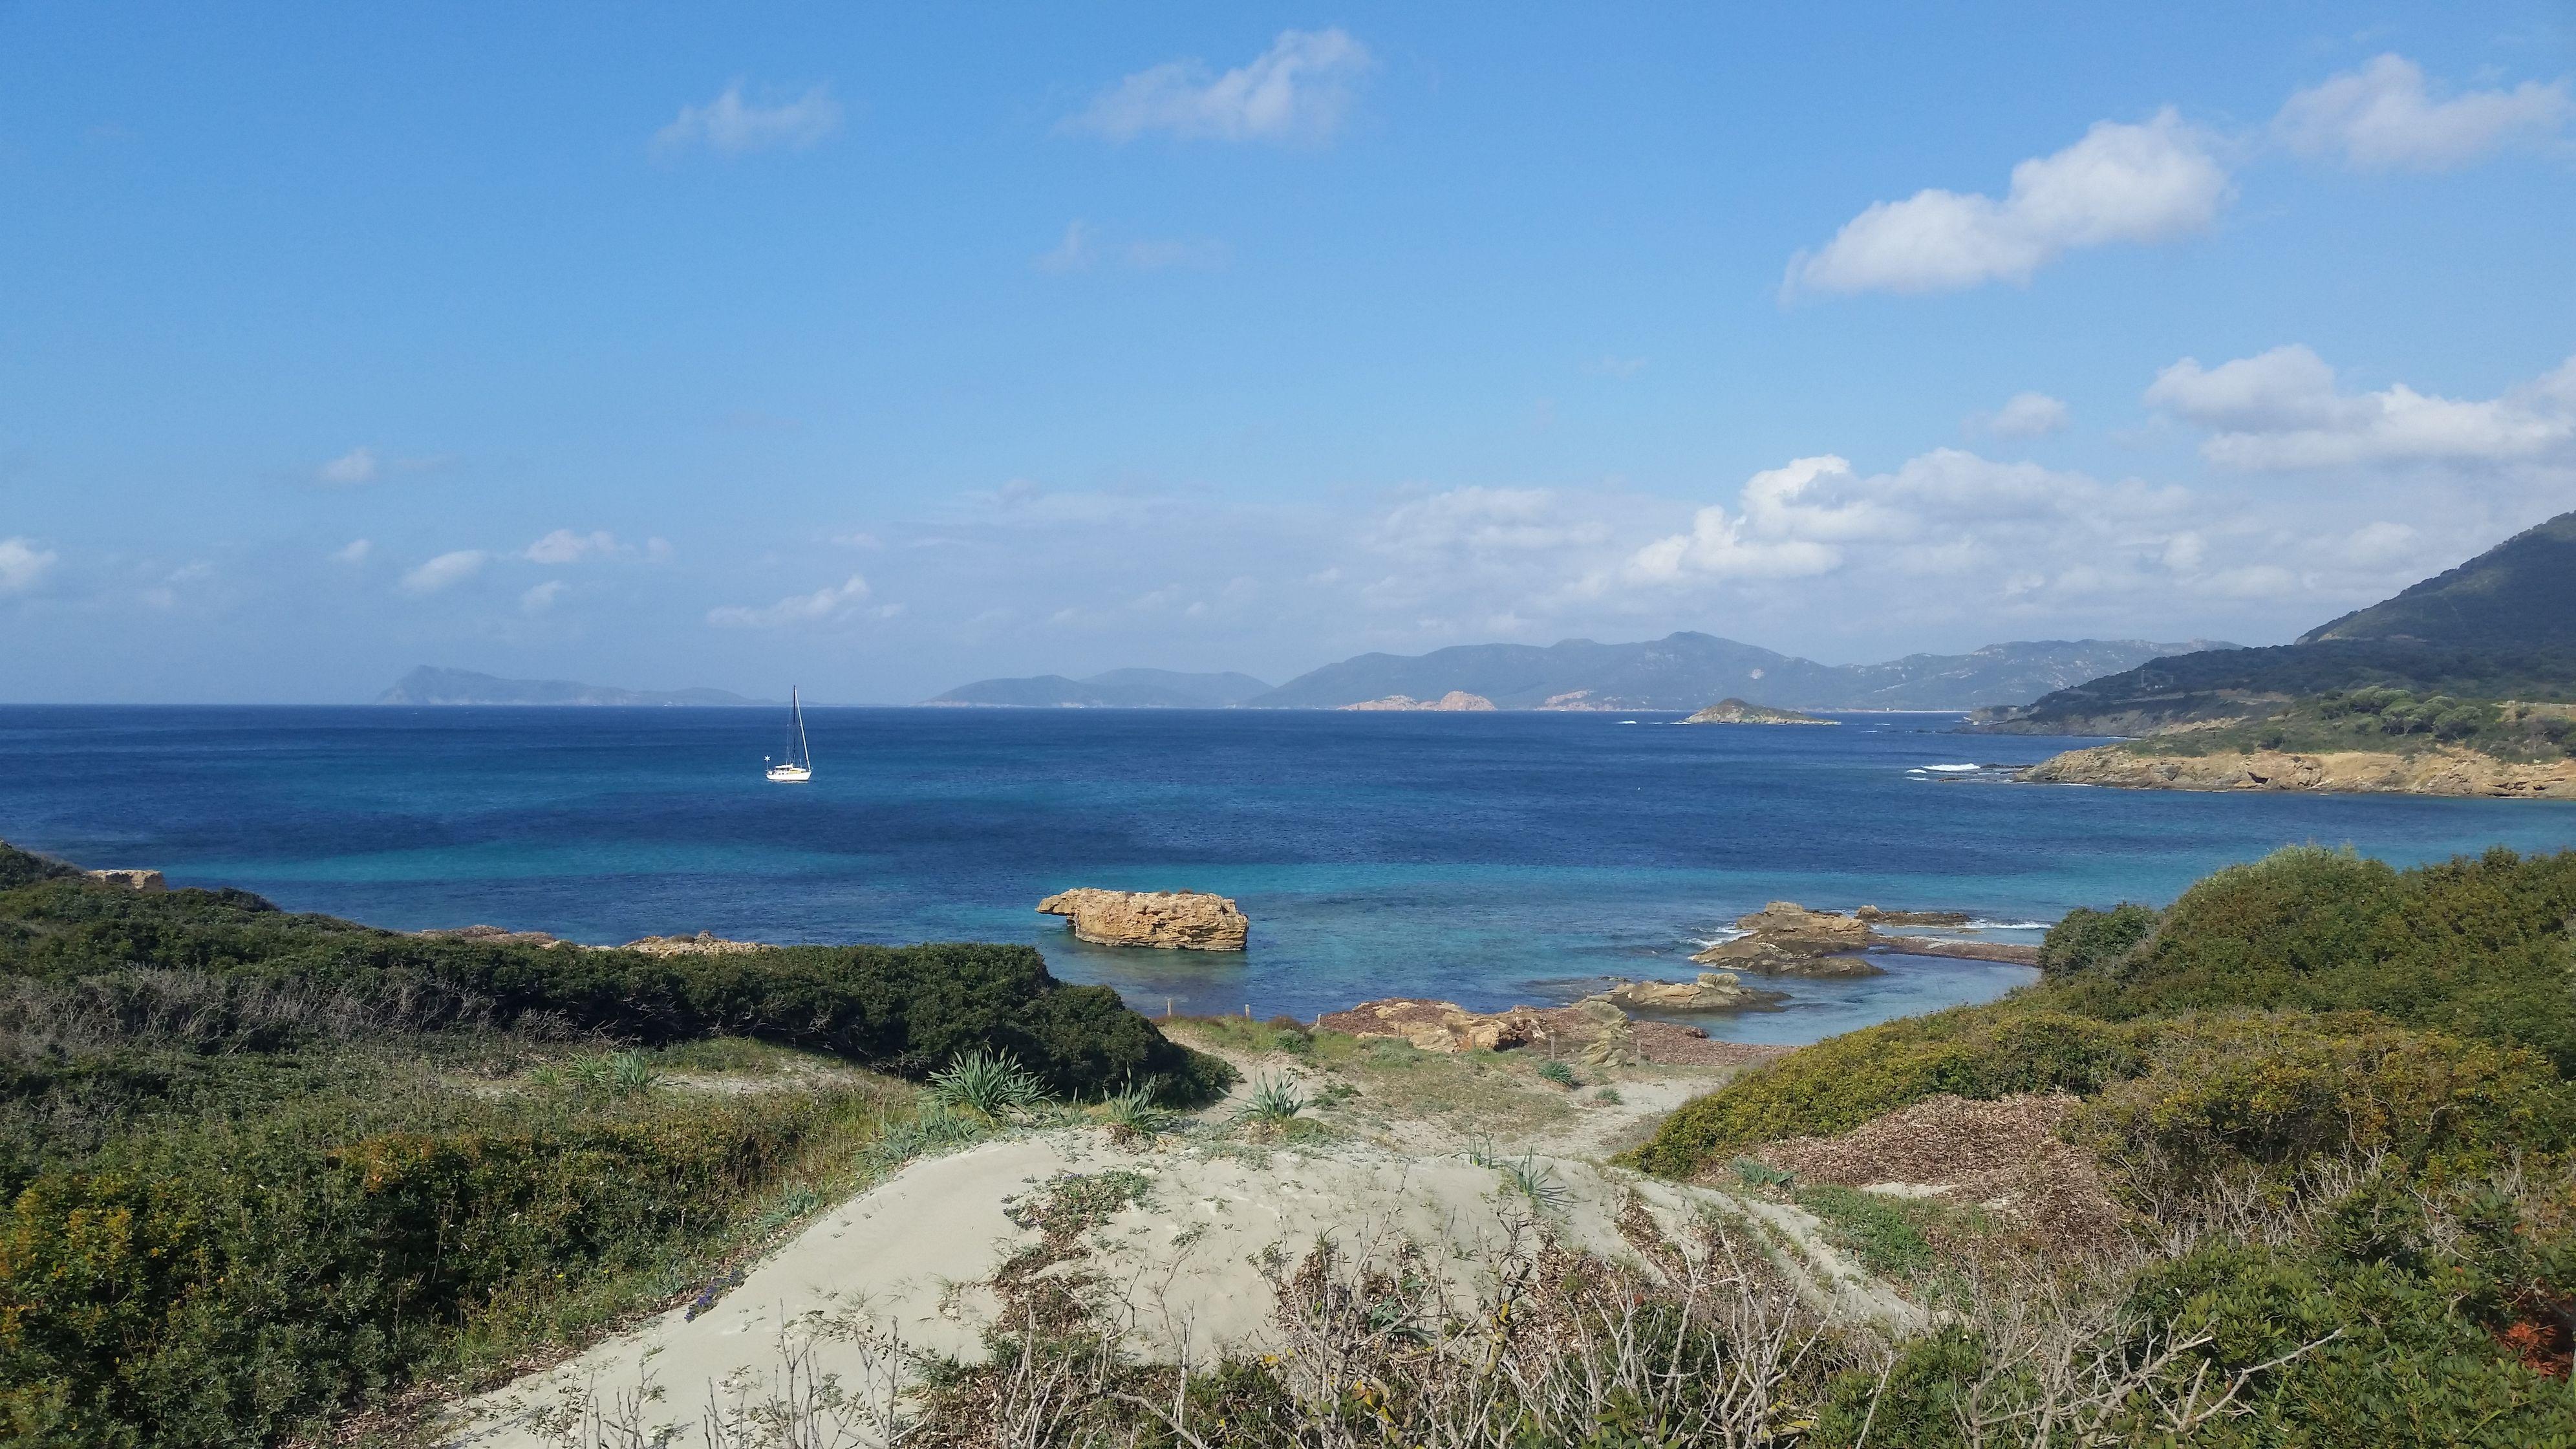 napsütéses tengerparton horog jennifer társkereső története